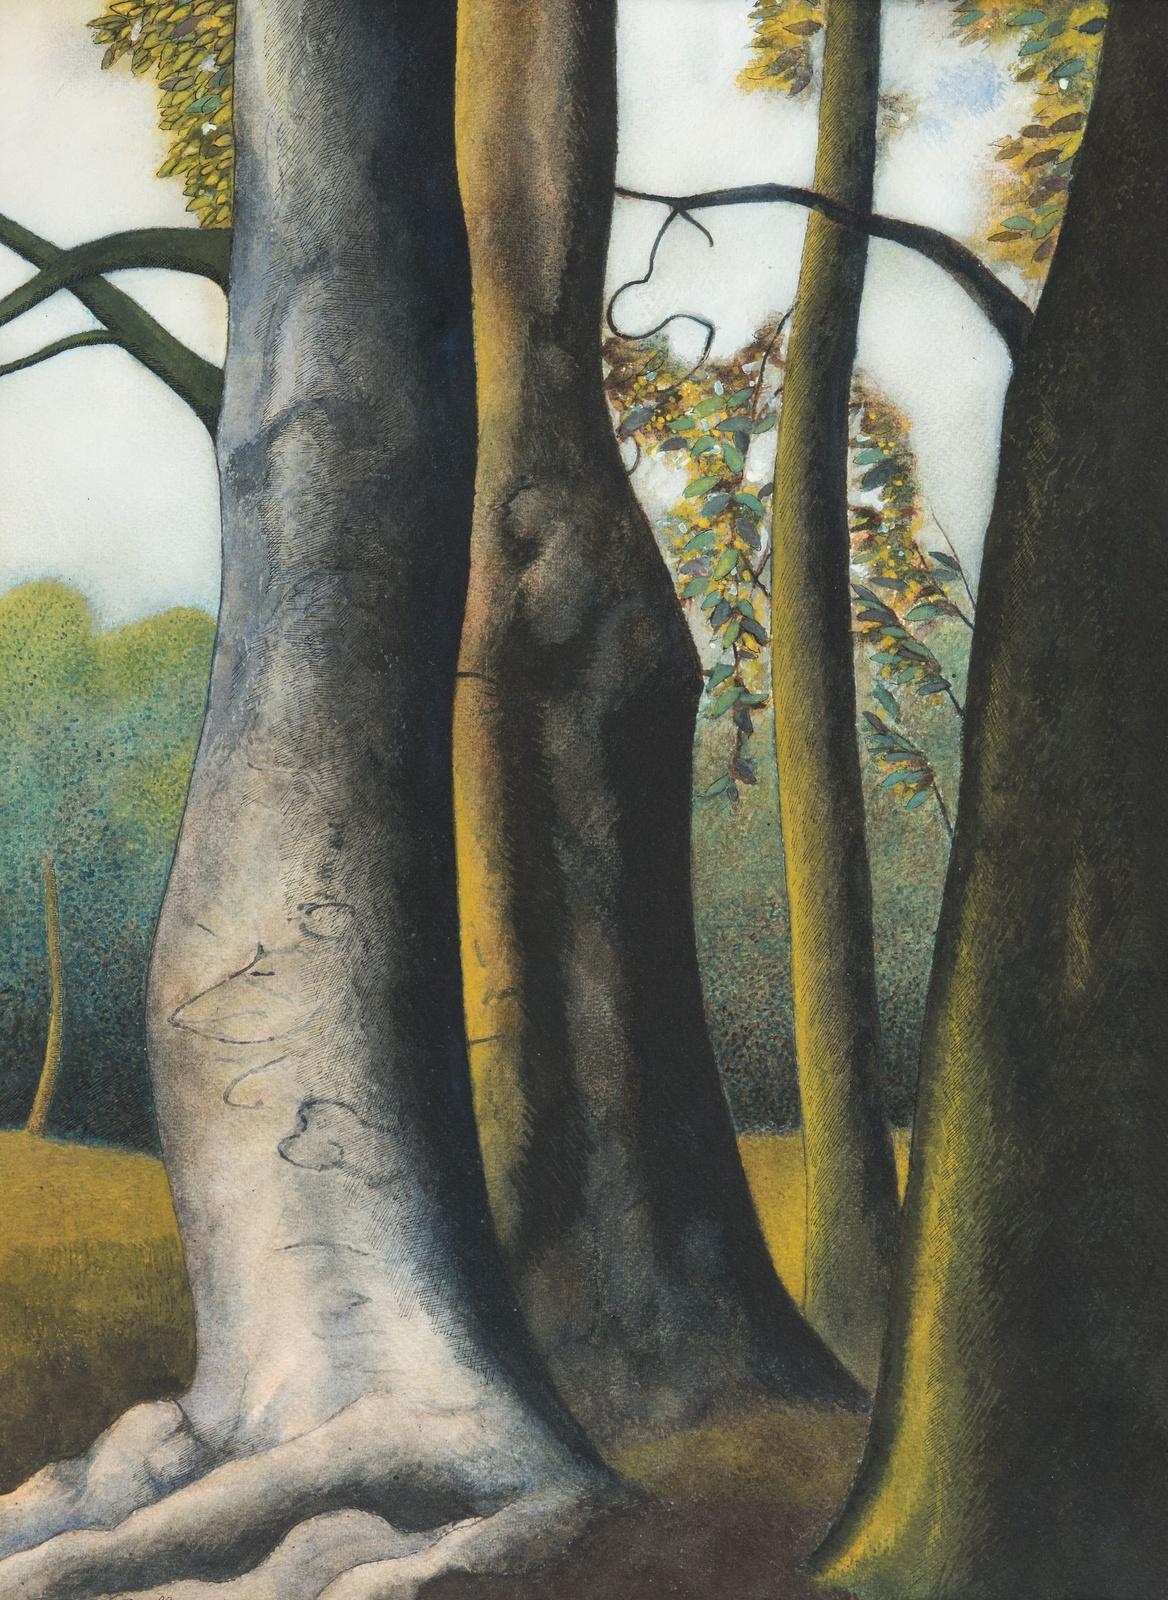 1945_Деревья (Trees)_61 х 44.5_бумага, акварель, гуашь и тушь_Частное собрание.jpg